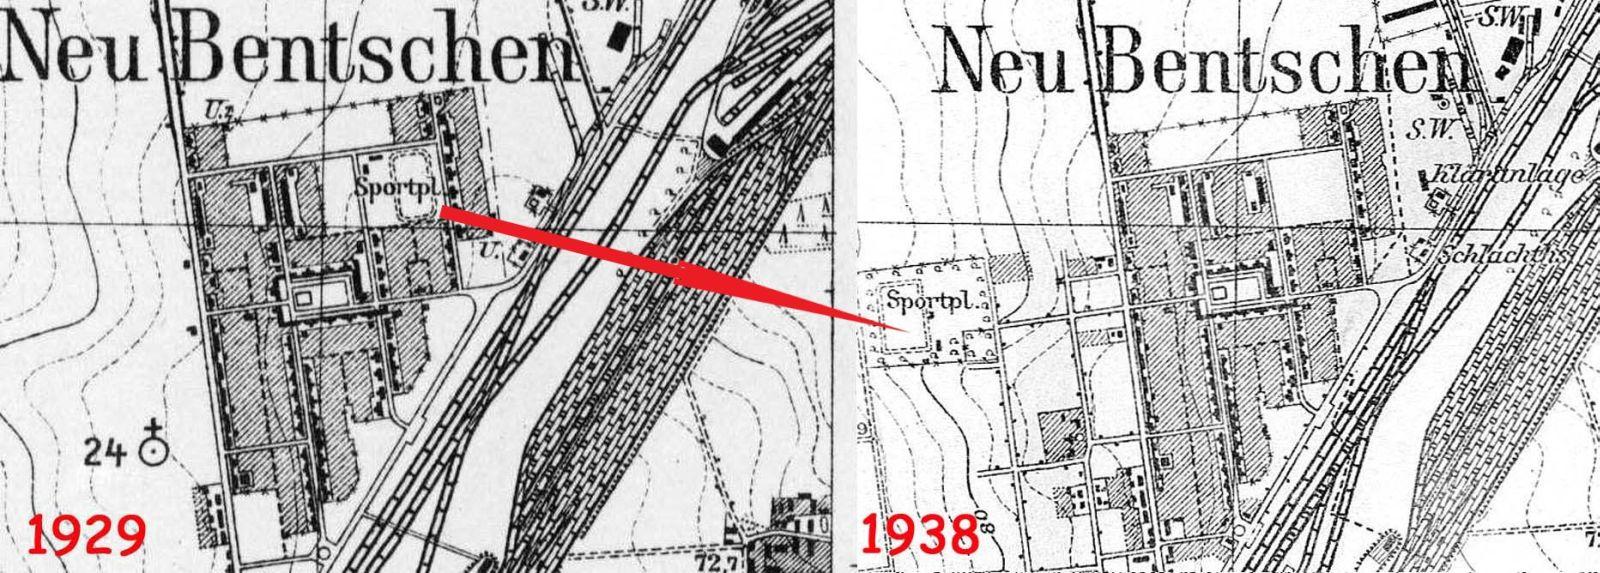 Porównaie sytuacji w latach 1929 - 30. Chodzi głównie o przeniesienie boiska znajdującego się przy ulicy Zbąszyńskiej w miejsce docelowe. Było to w 1930 roku, gdy część zachodnia osiedla była już częściowo zagospodarowana i oddana do użytku.